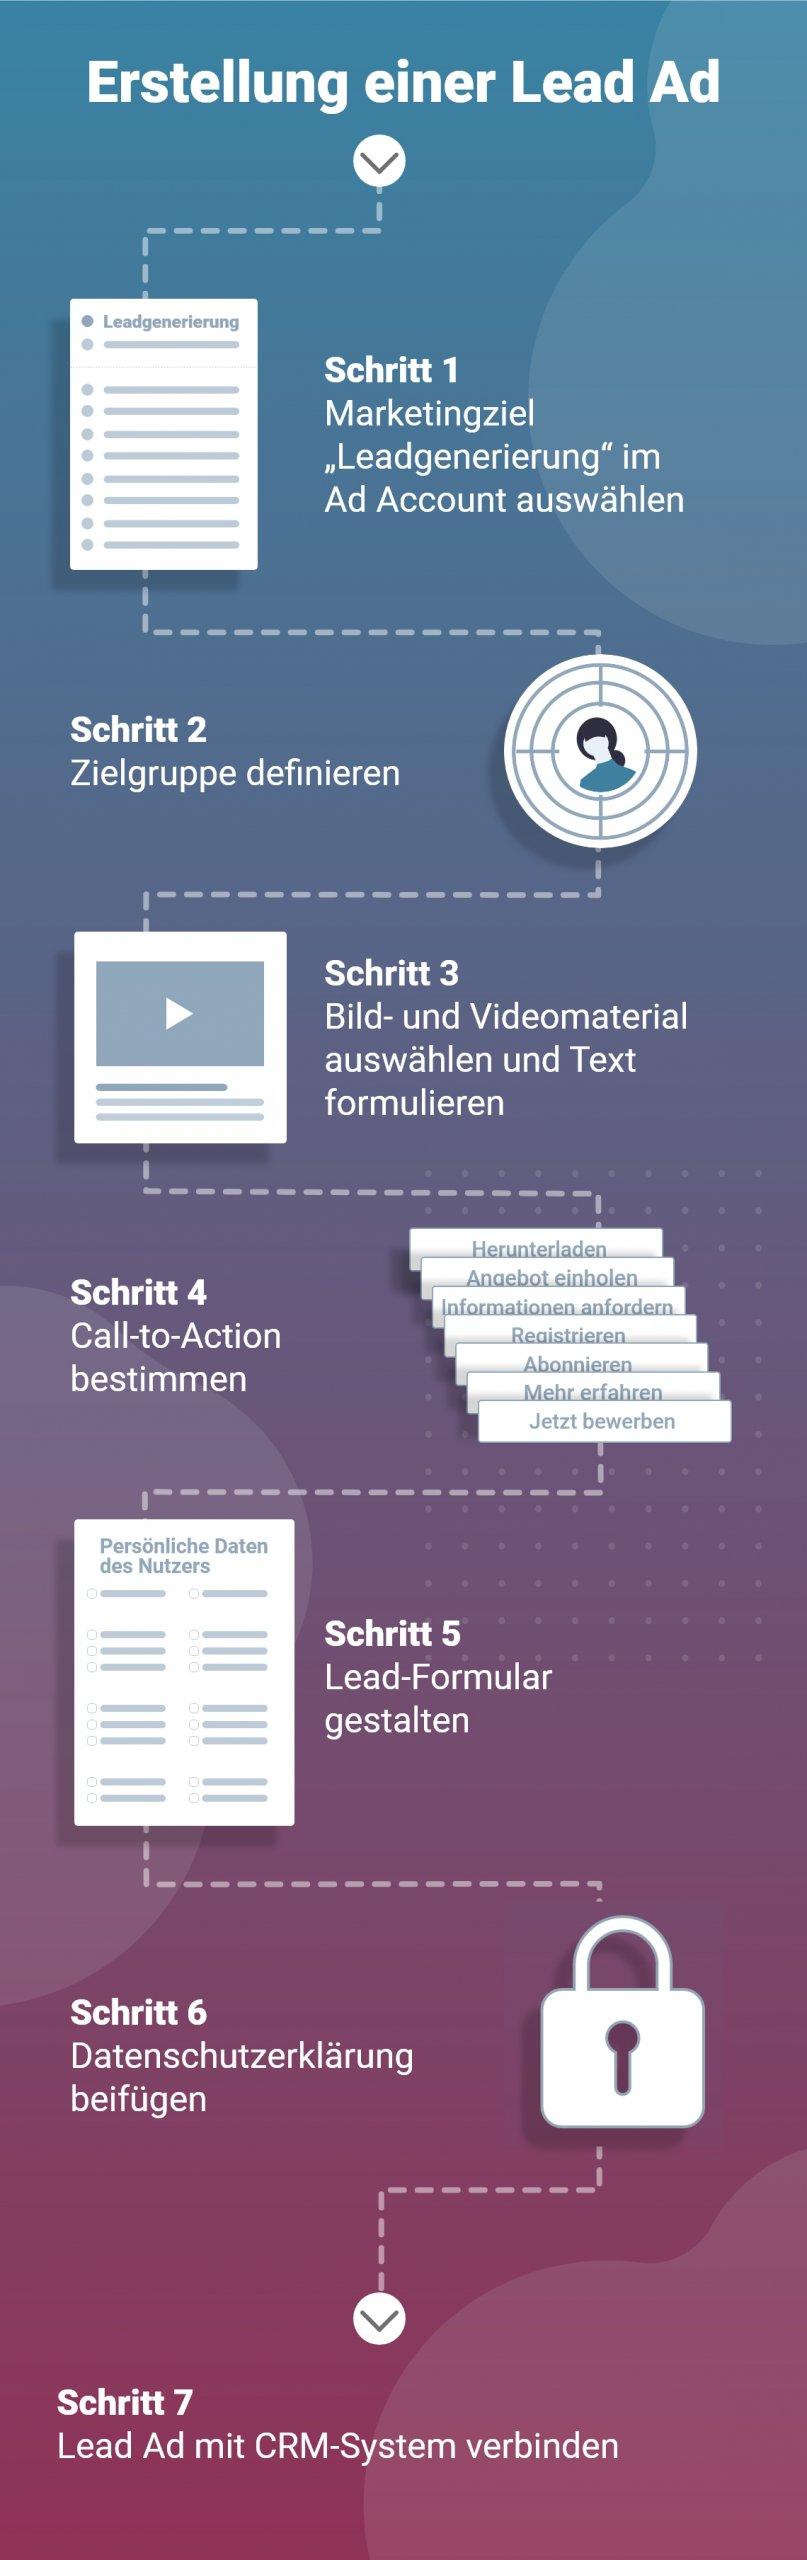 Grafik 6 Schritte zur Erstellung einer Lead Ad